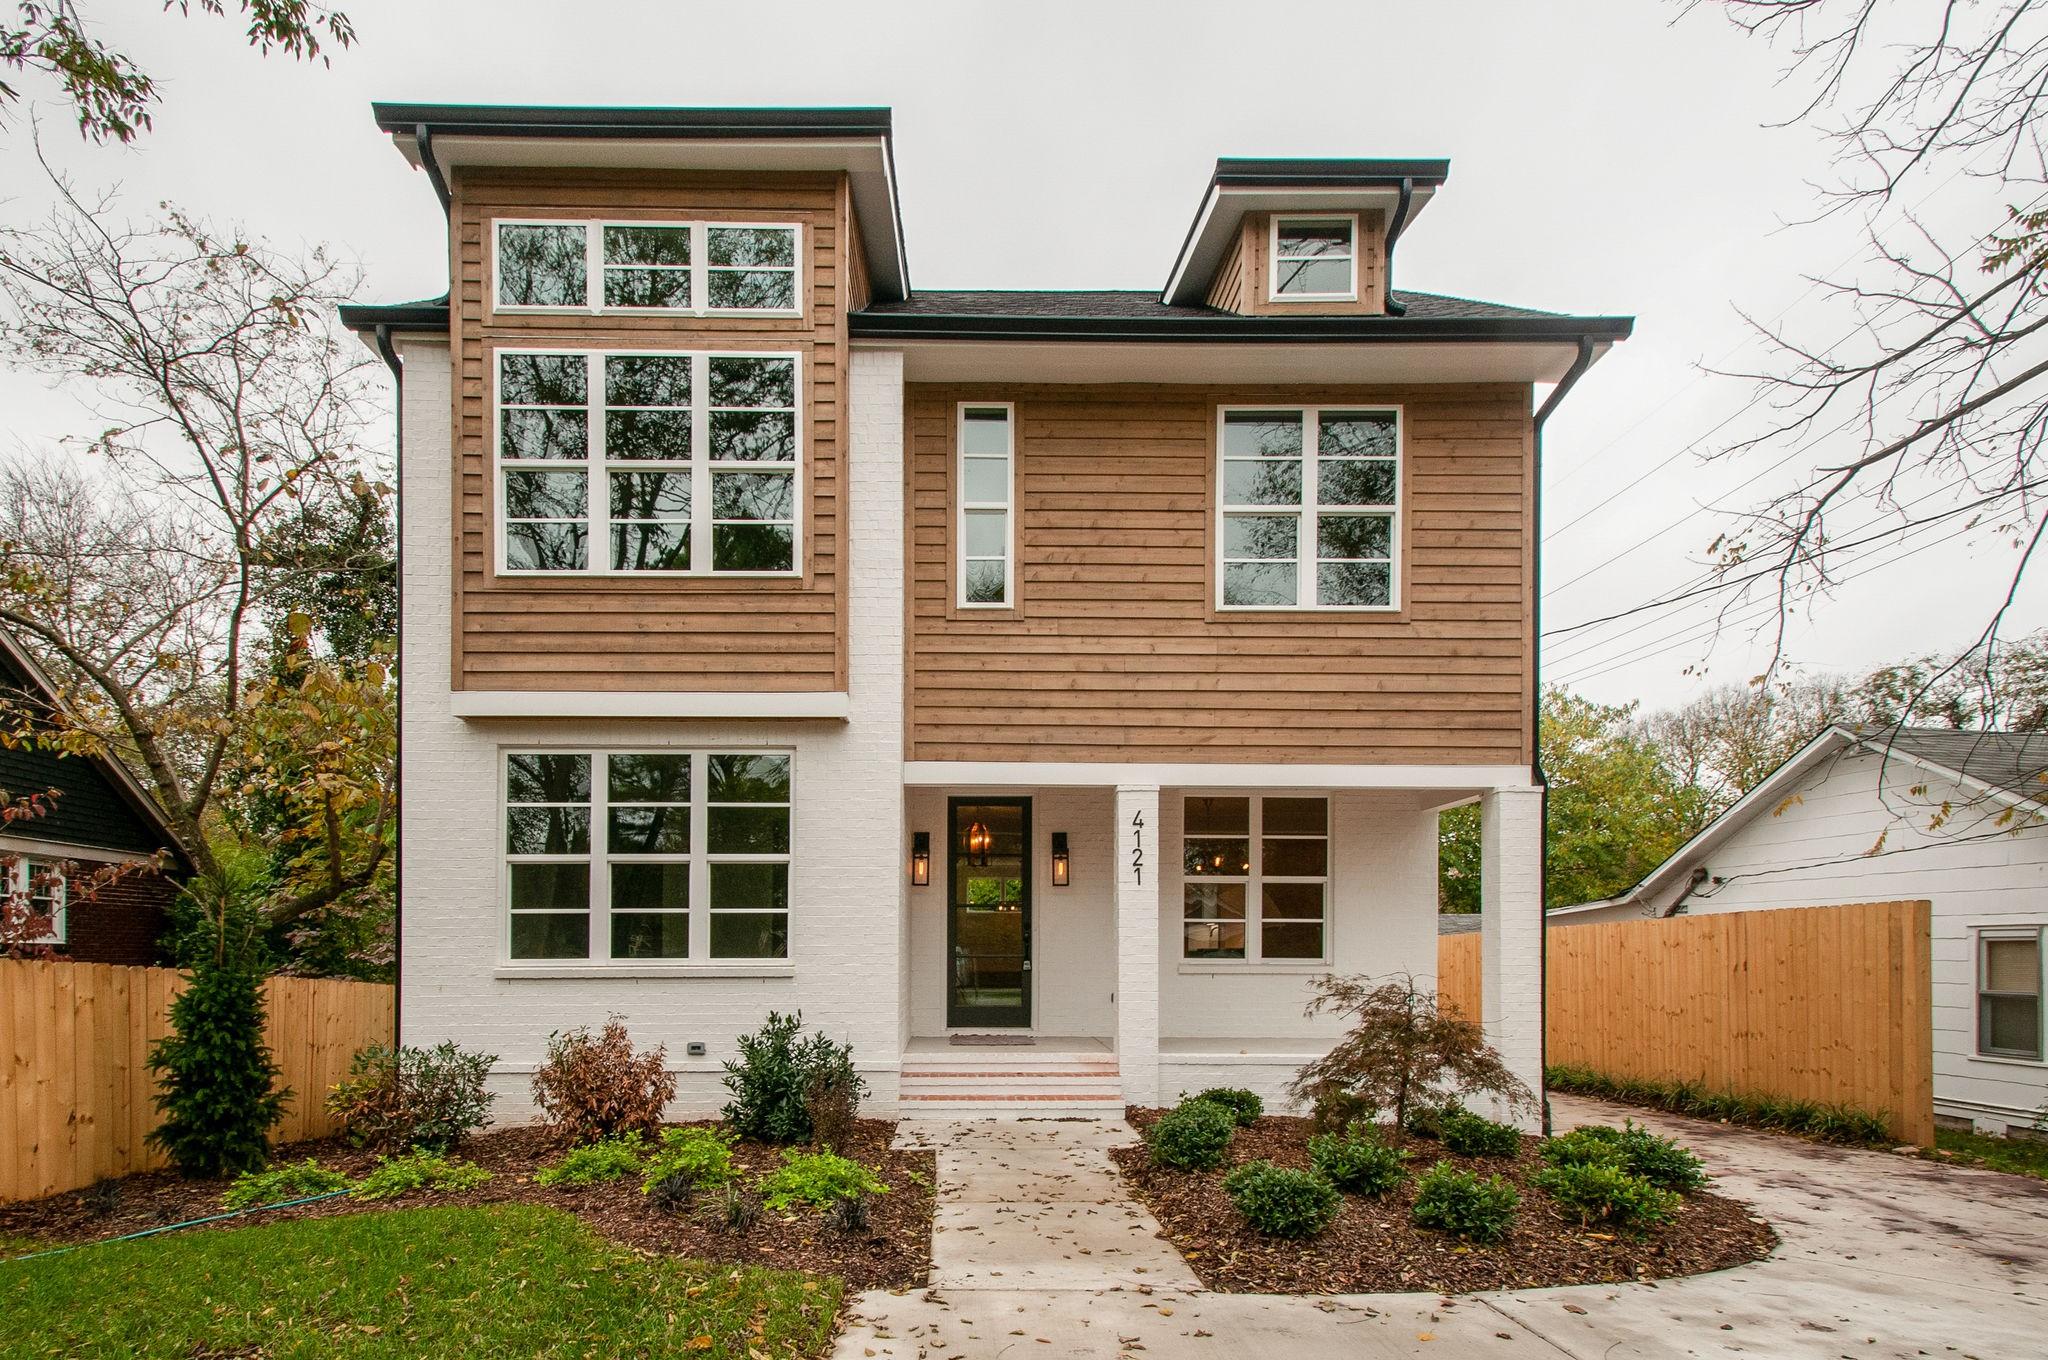 4121 Westlawn Dr, Nashville, TN 37209 - Nashville, TN real estate listing